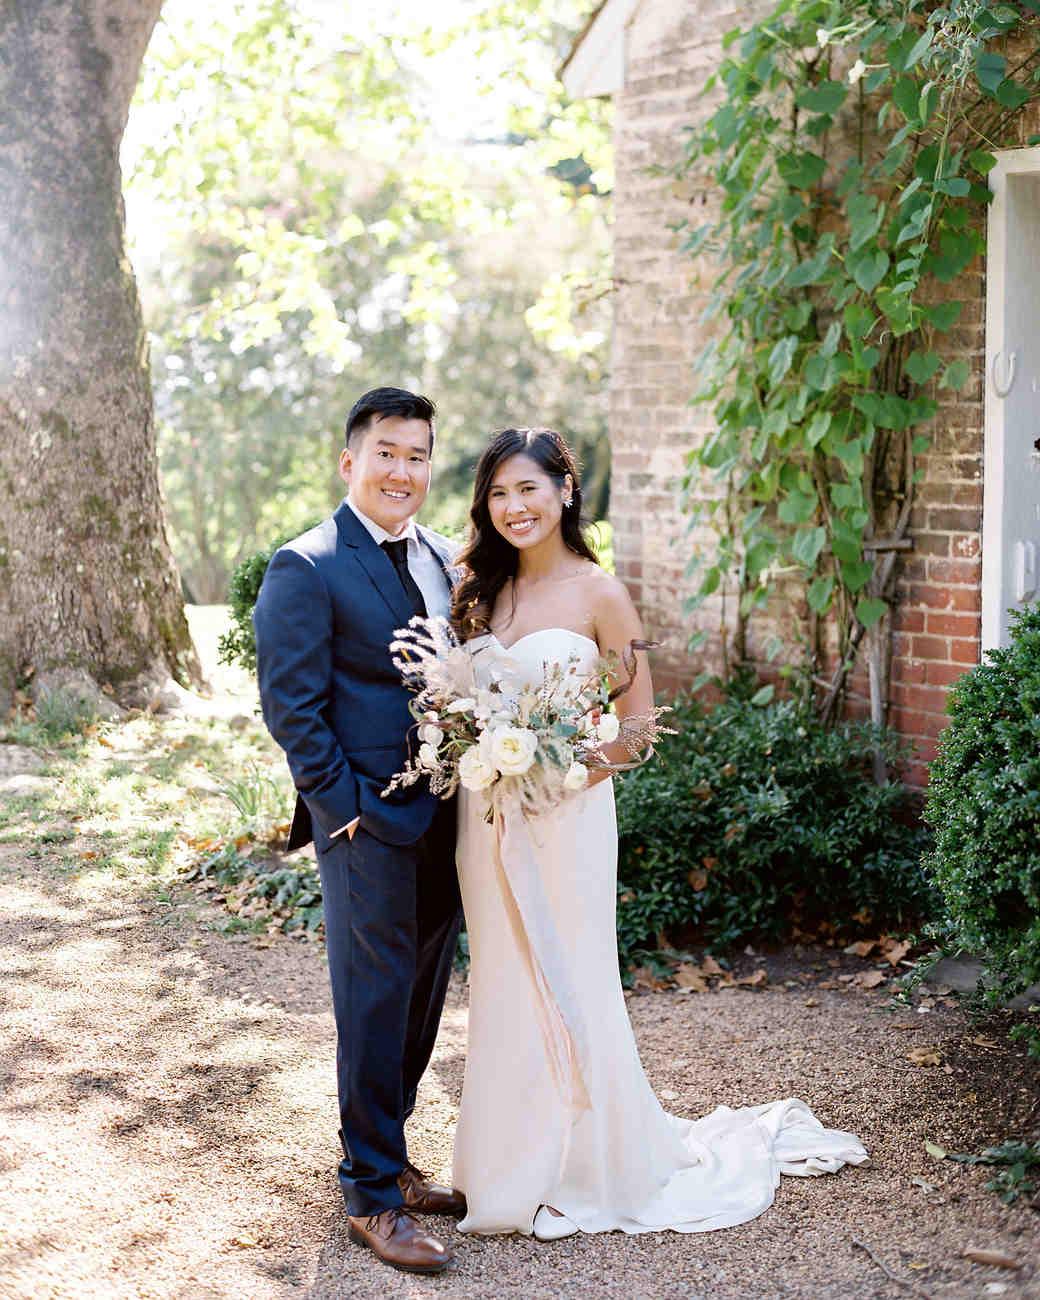 linda robert wedding couple smile